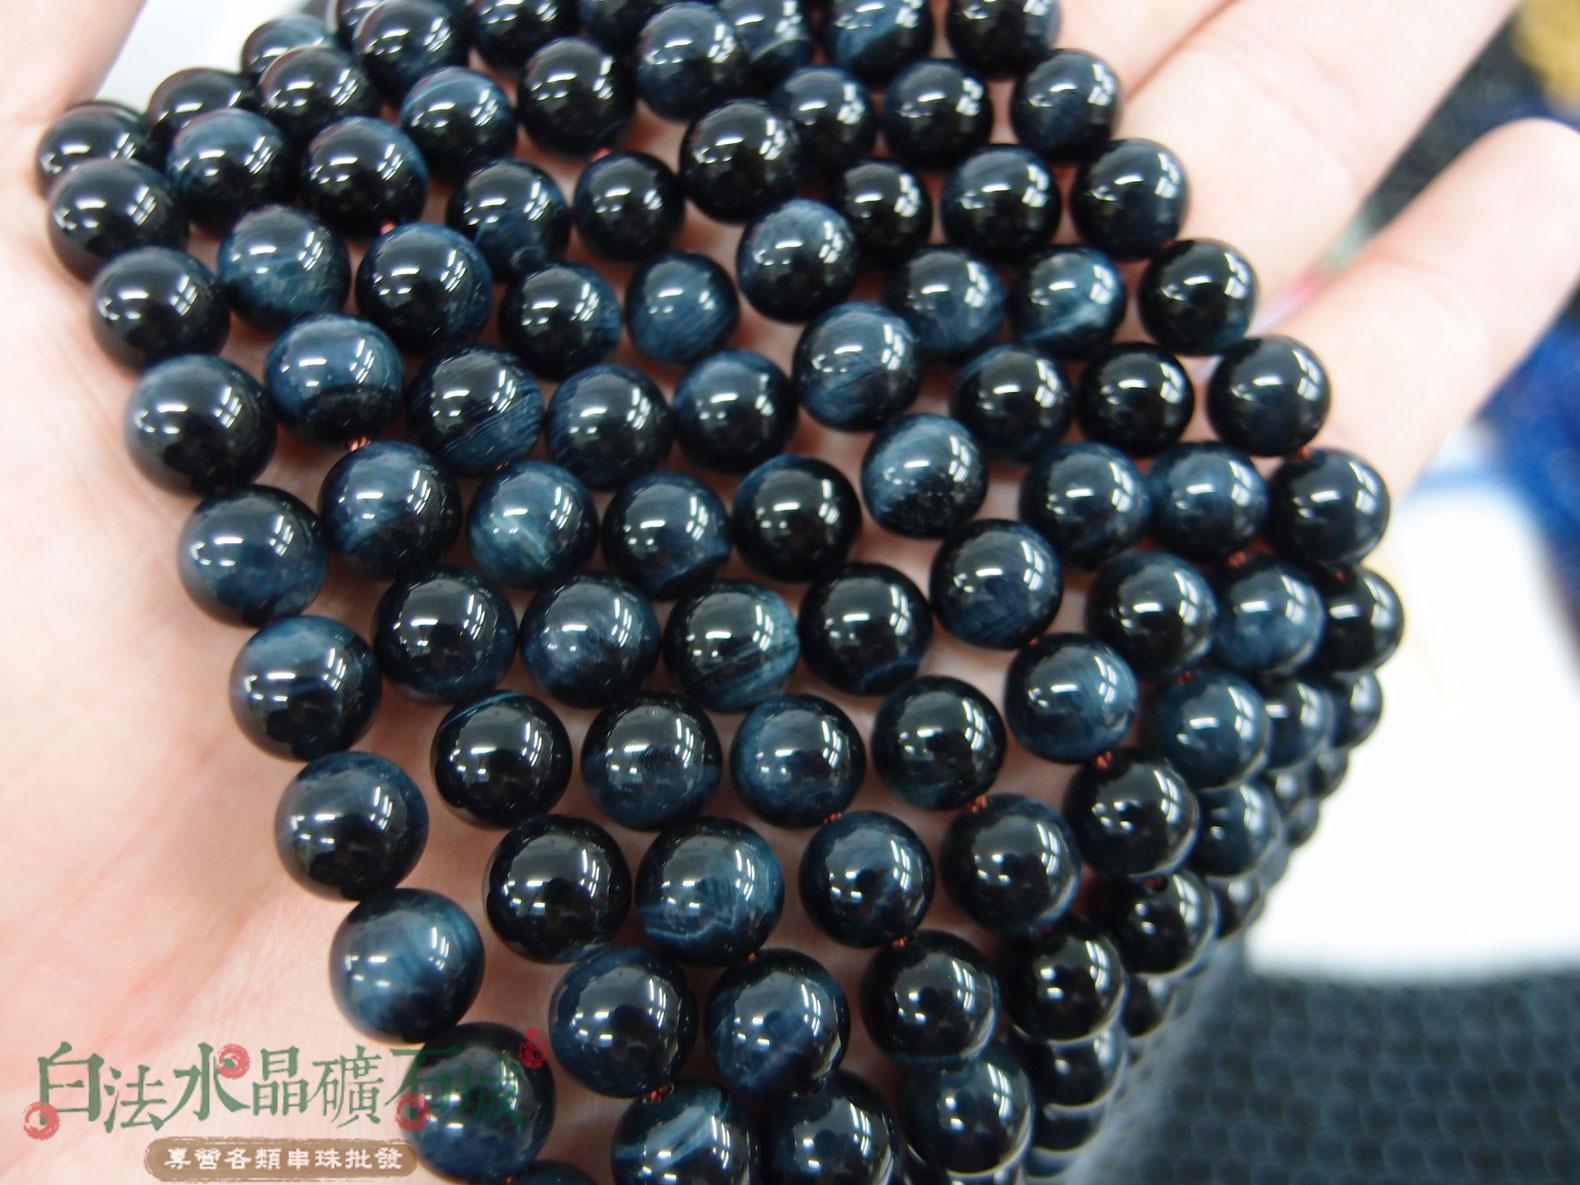 白法水晶礦石城 南非 天然-虎眼石-藍色 8mm 礦質-漂亮珠子 藍色暈光明顯- 串珠/條珠 首飾材料